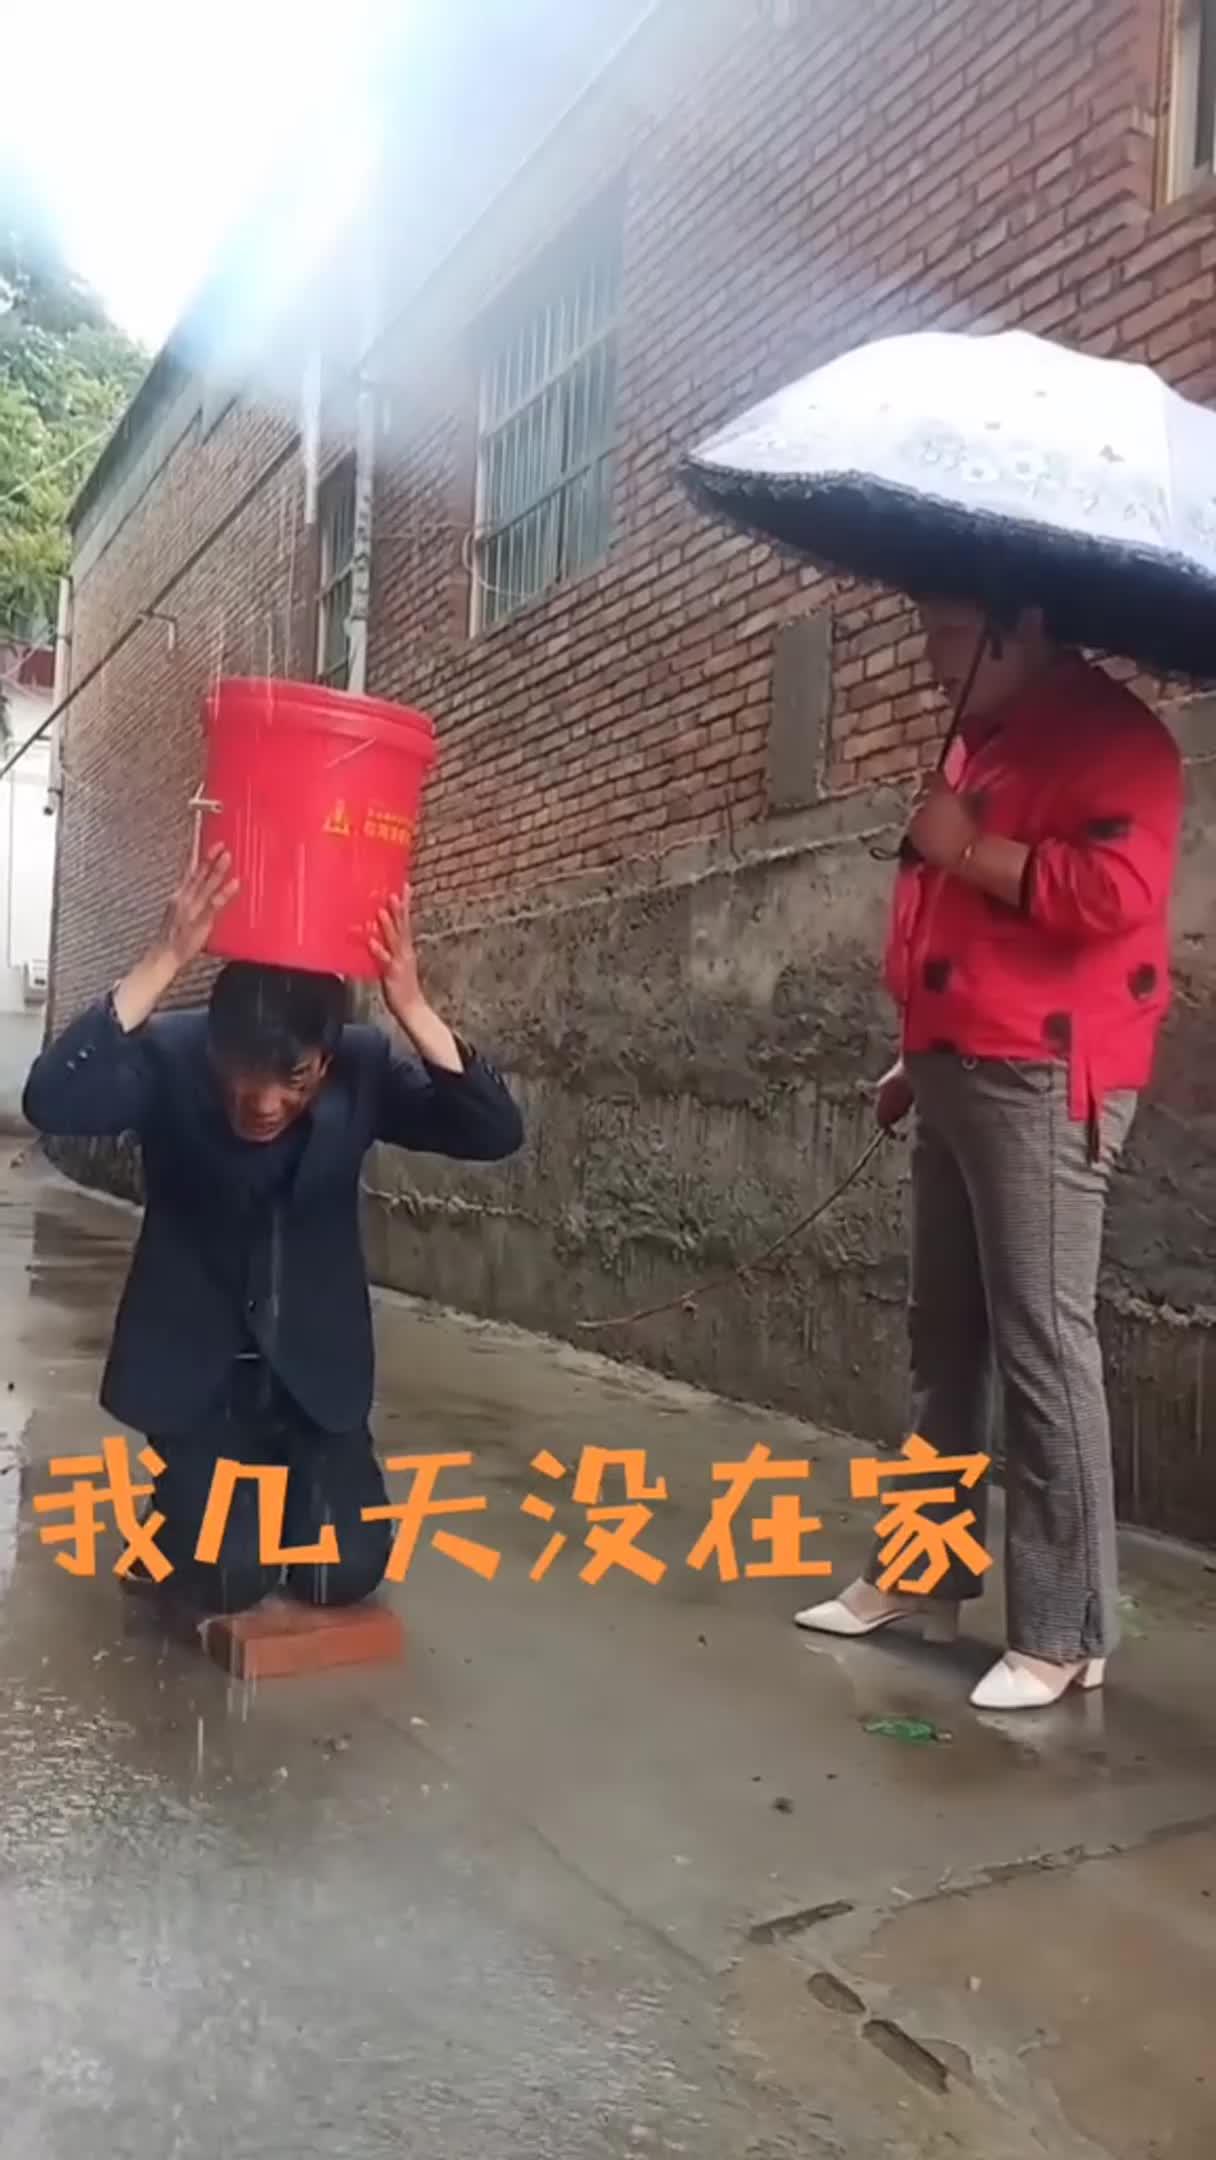 老天爷雨下大的吧,桶接满水才让我进屋啊